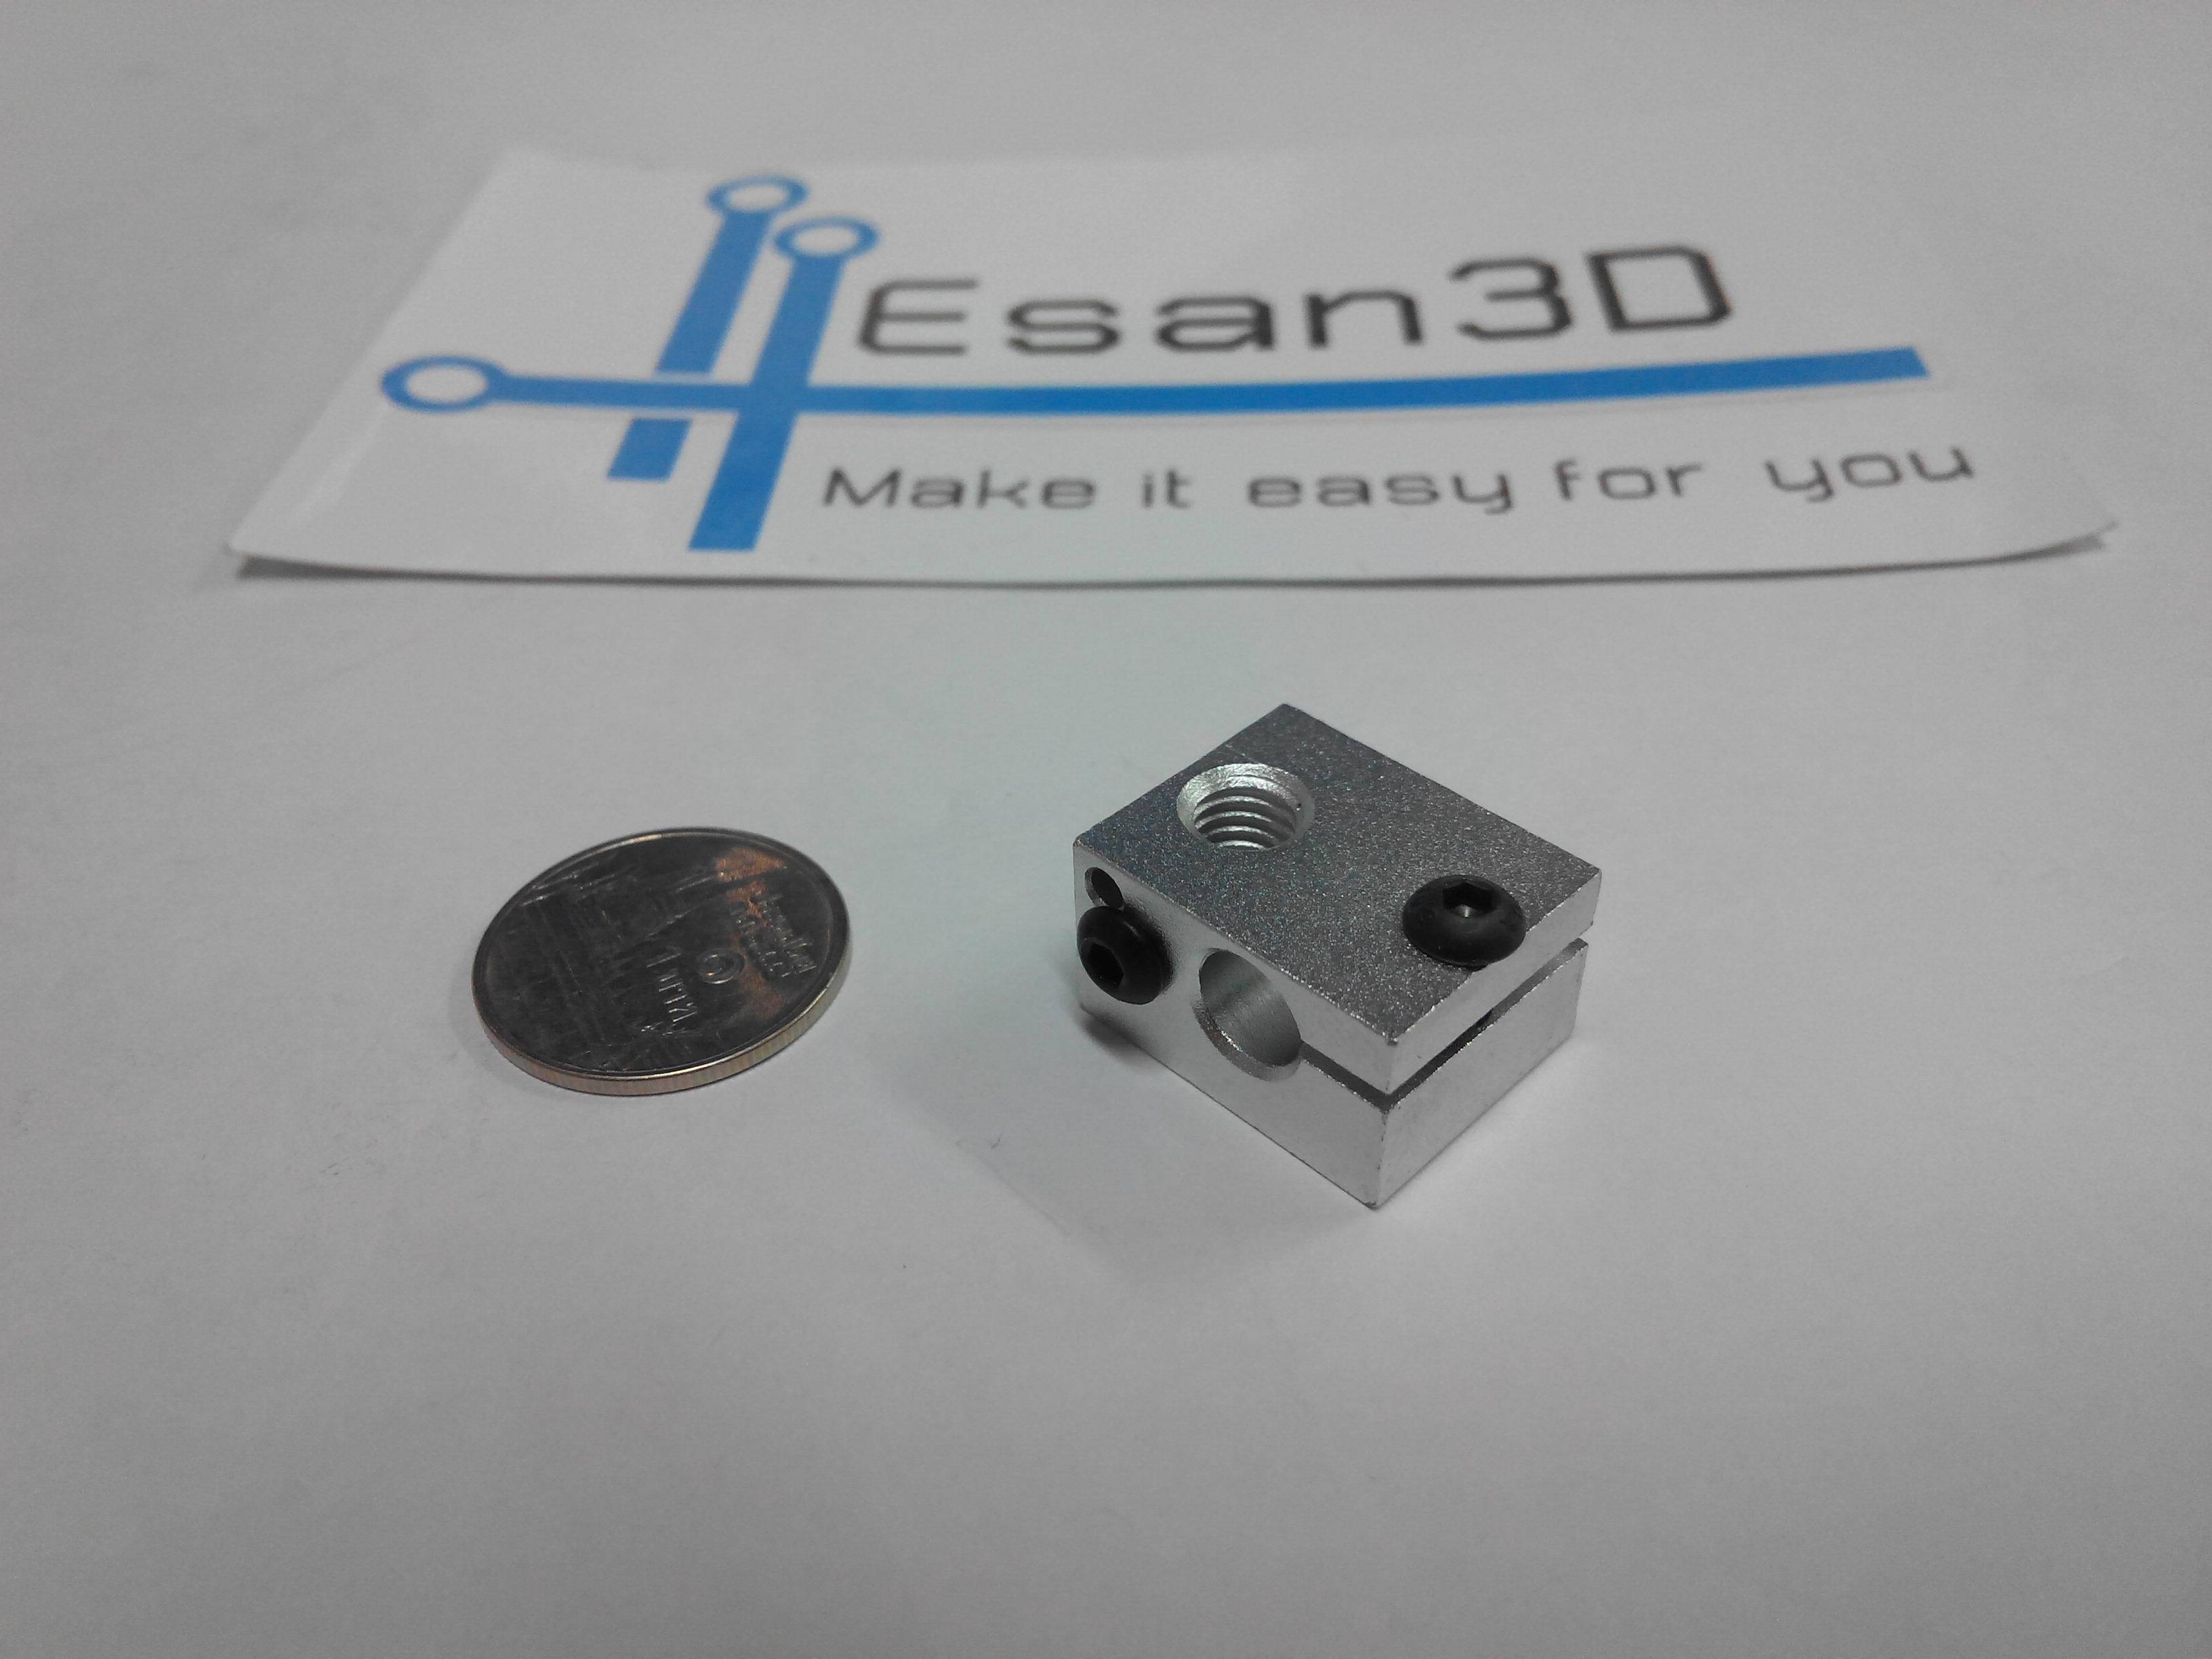 Aluminium Heat Block for E3D V6 J-head 3D Printer Makerbot